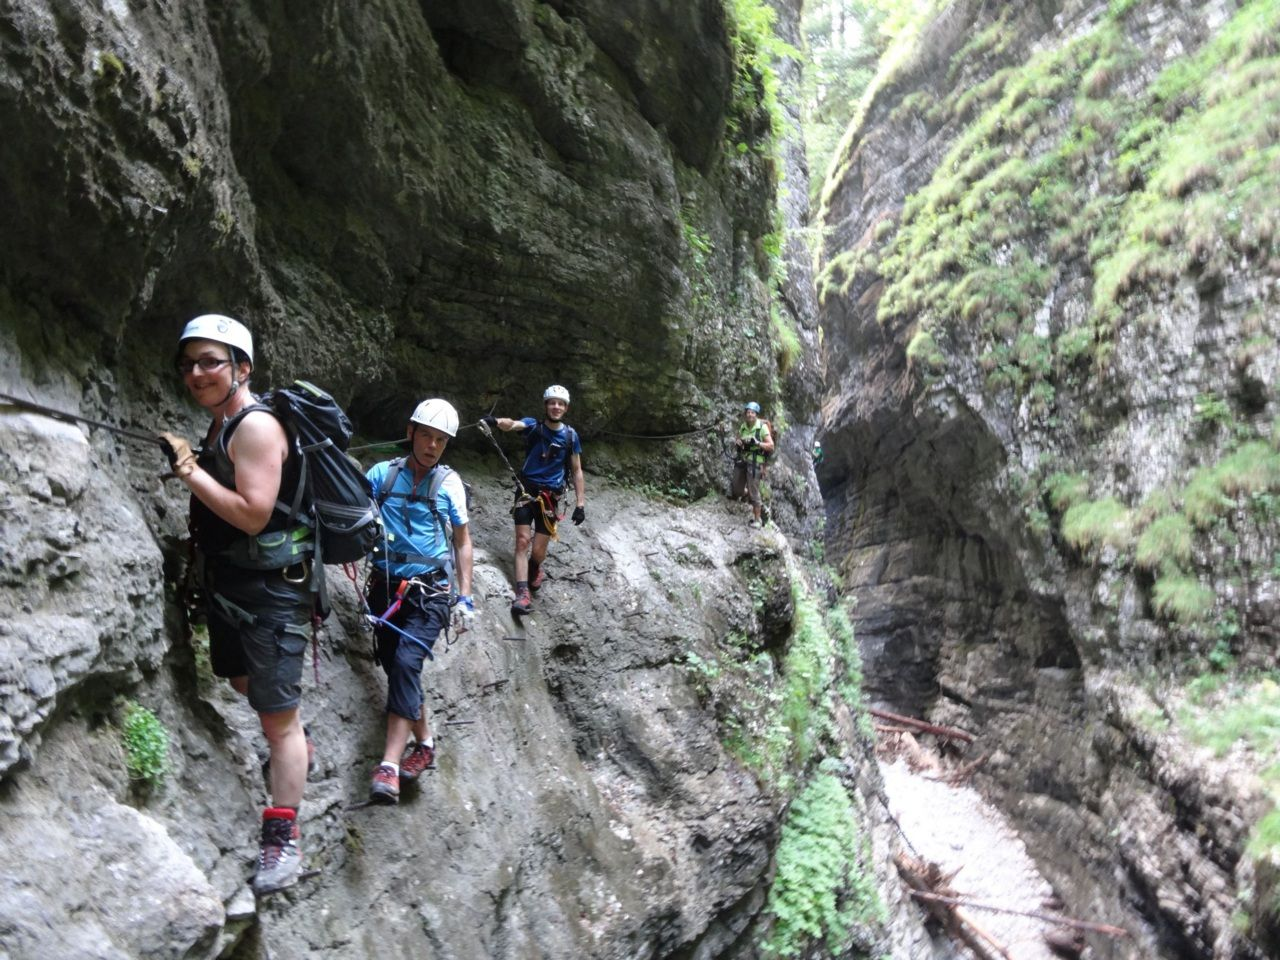 Klettersteig Postalm : Klettersteige im salzburgerland magazin